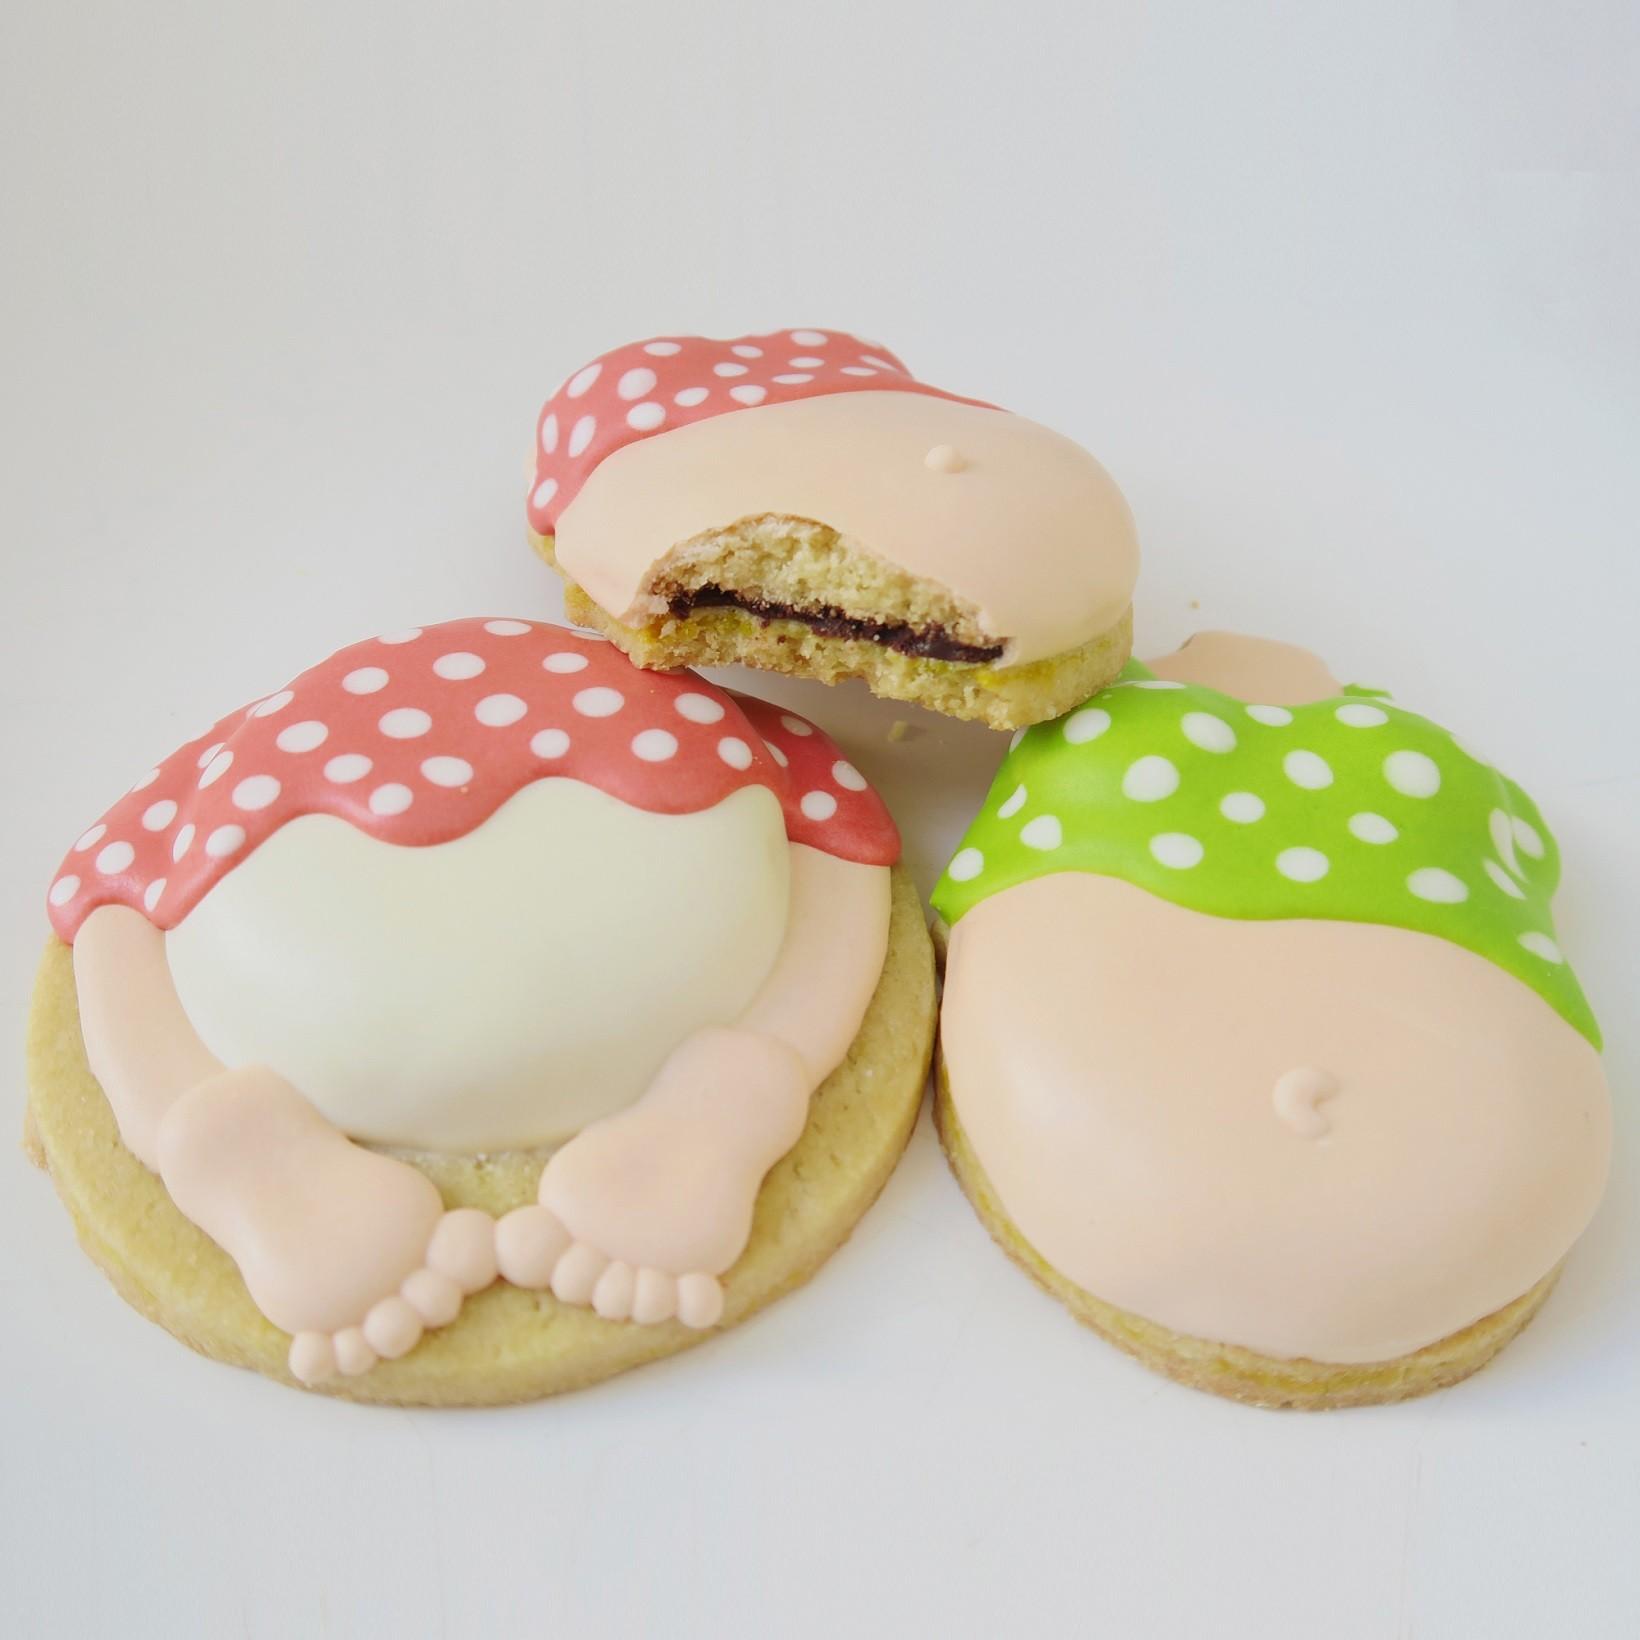 Curso Biscoitos Decorados: Chá de Bebê com Relevo e Recheio Invisível